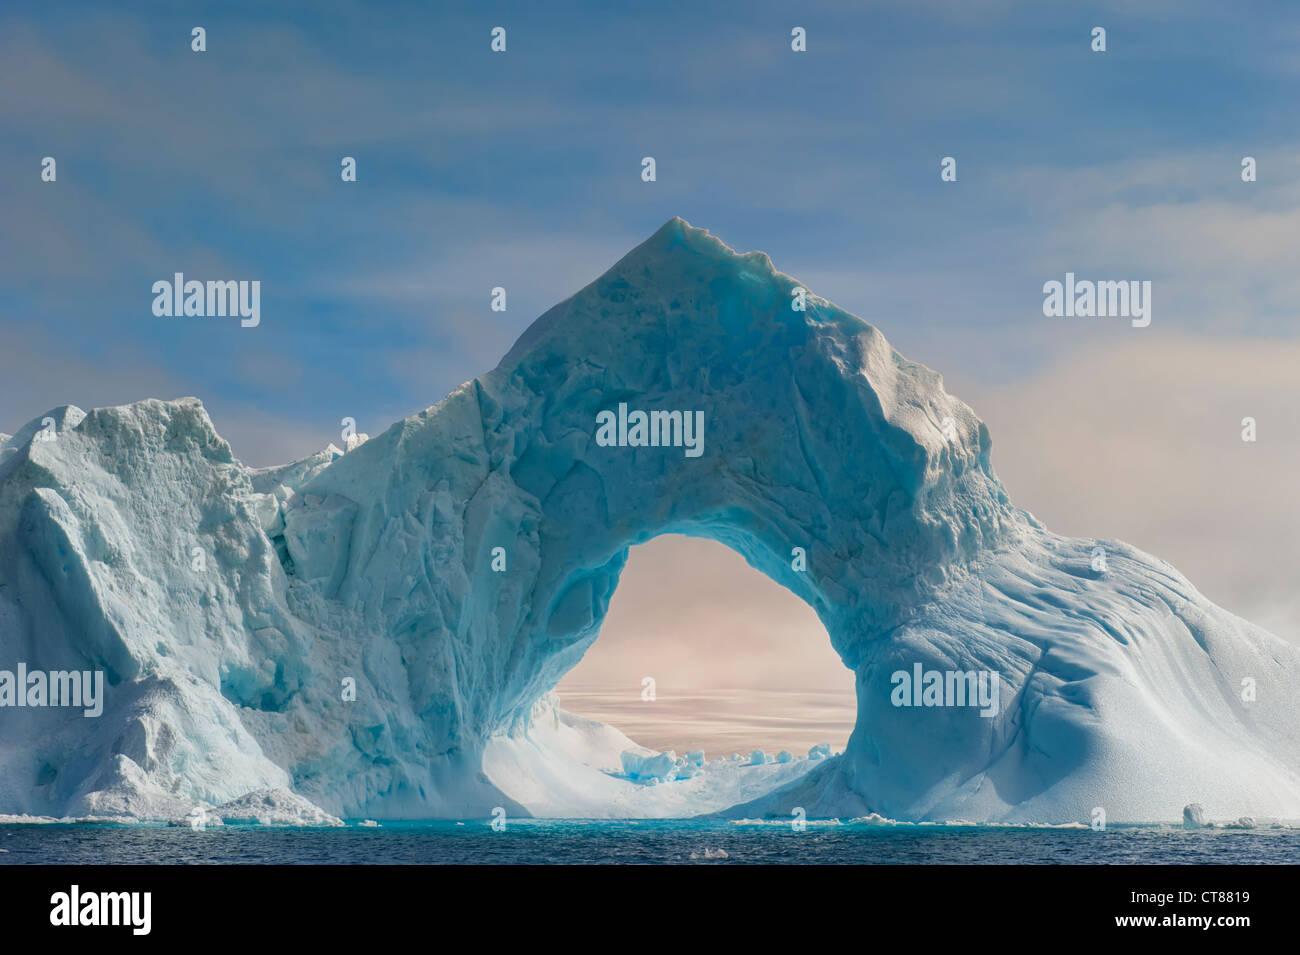 Naturale geschnitzt in einem Eisberg, Antarctic Sound, antarktische Halbinsel Stockbild